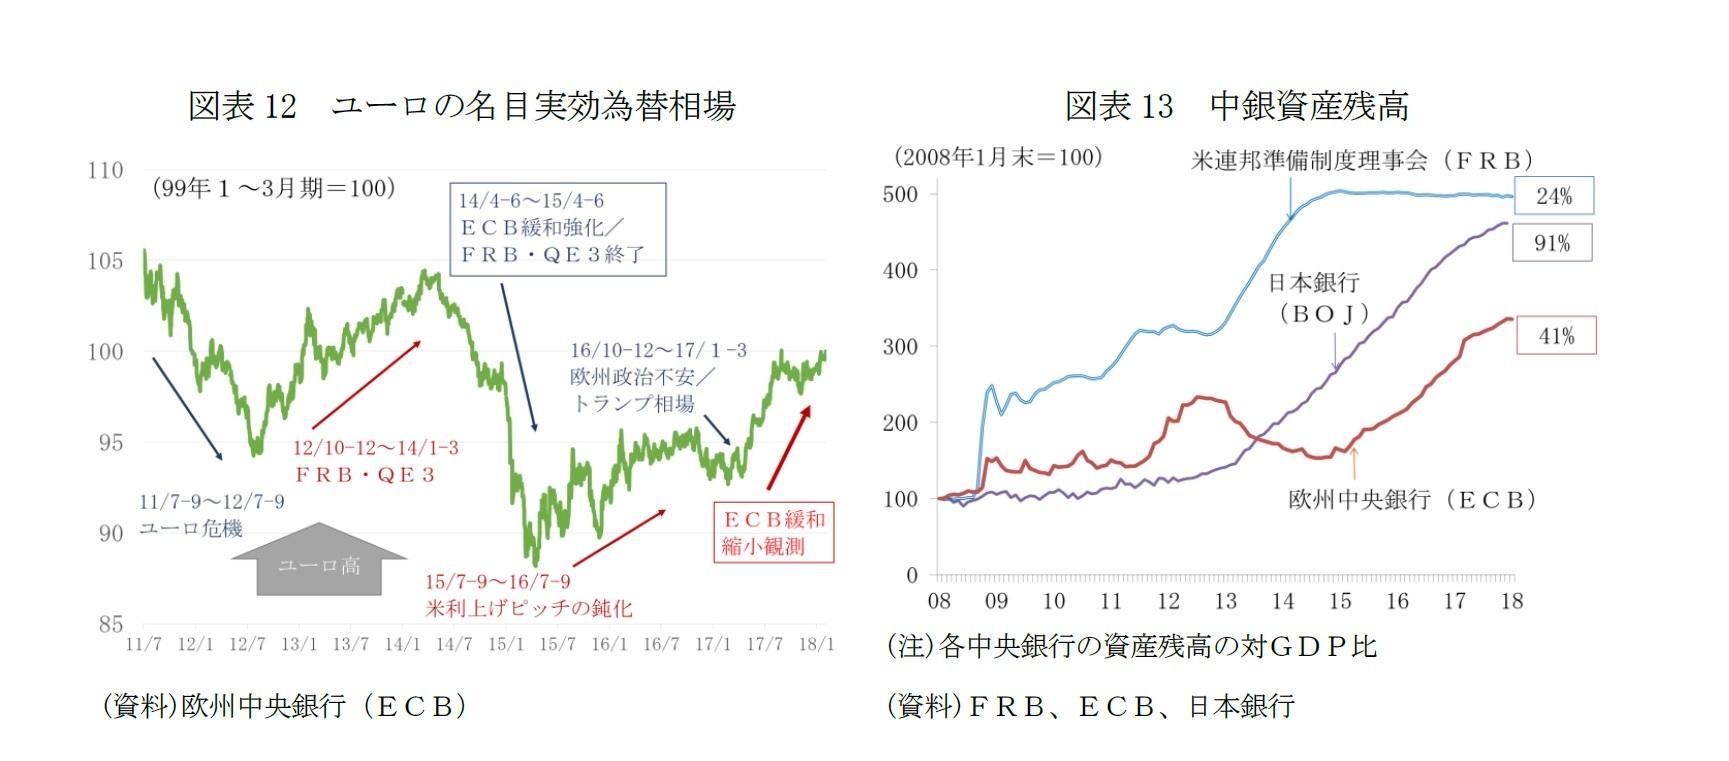 図表12 ユーロの名目実効為替相場/図表13 中銀資産残高